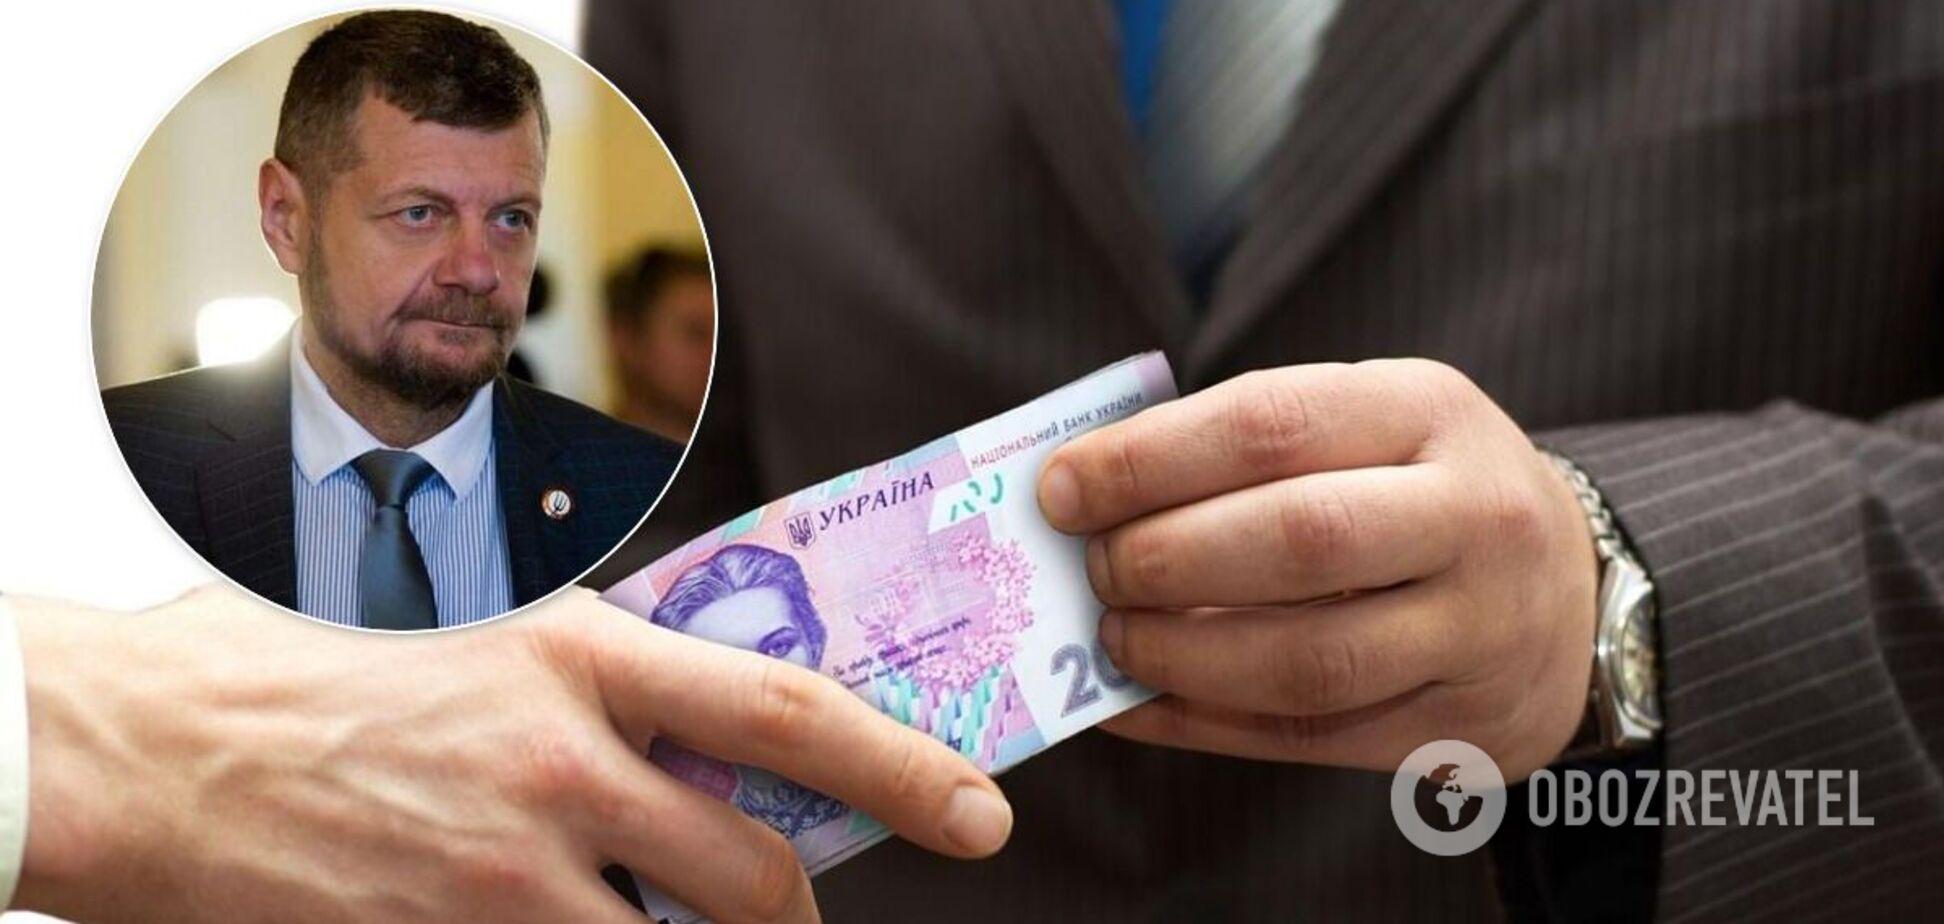 Людям роздавали в конвертах по 1000 гривень